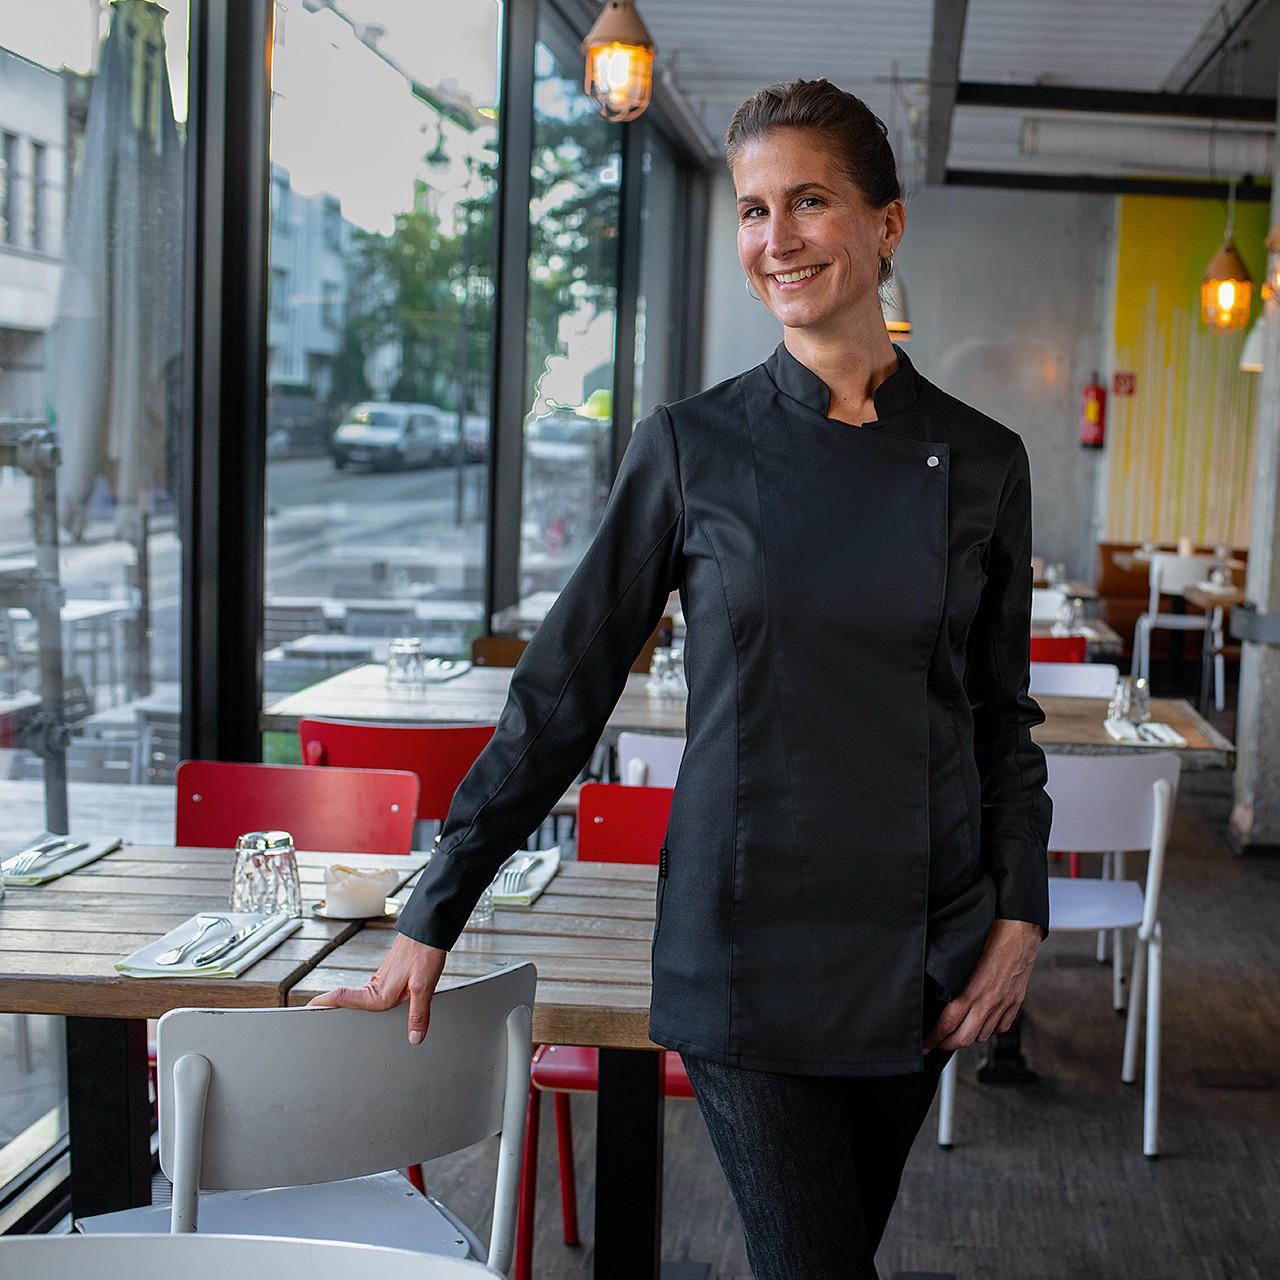 Premium Damen Kochjacke mit Druckknöpfe und Jerseyeinsatz Greiff® | bedrucken, besticken, bedrucken lassen, besticken lassen, mit Logo |